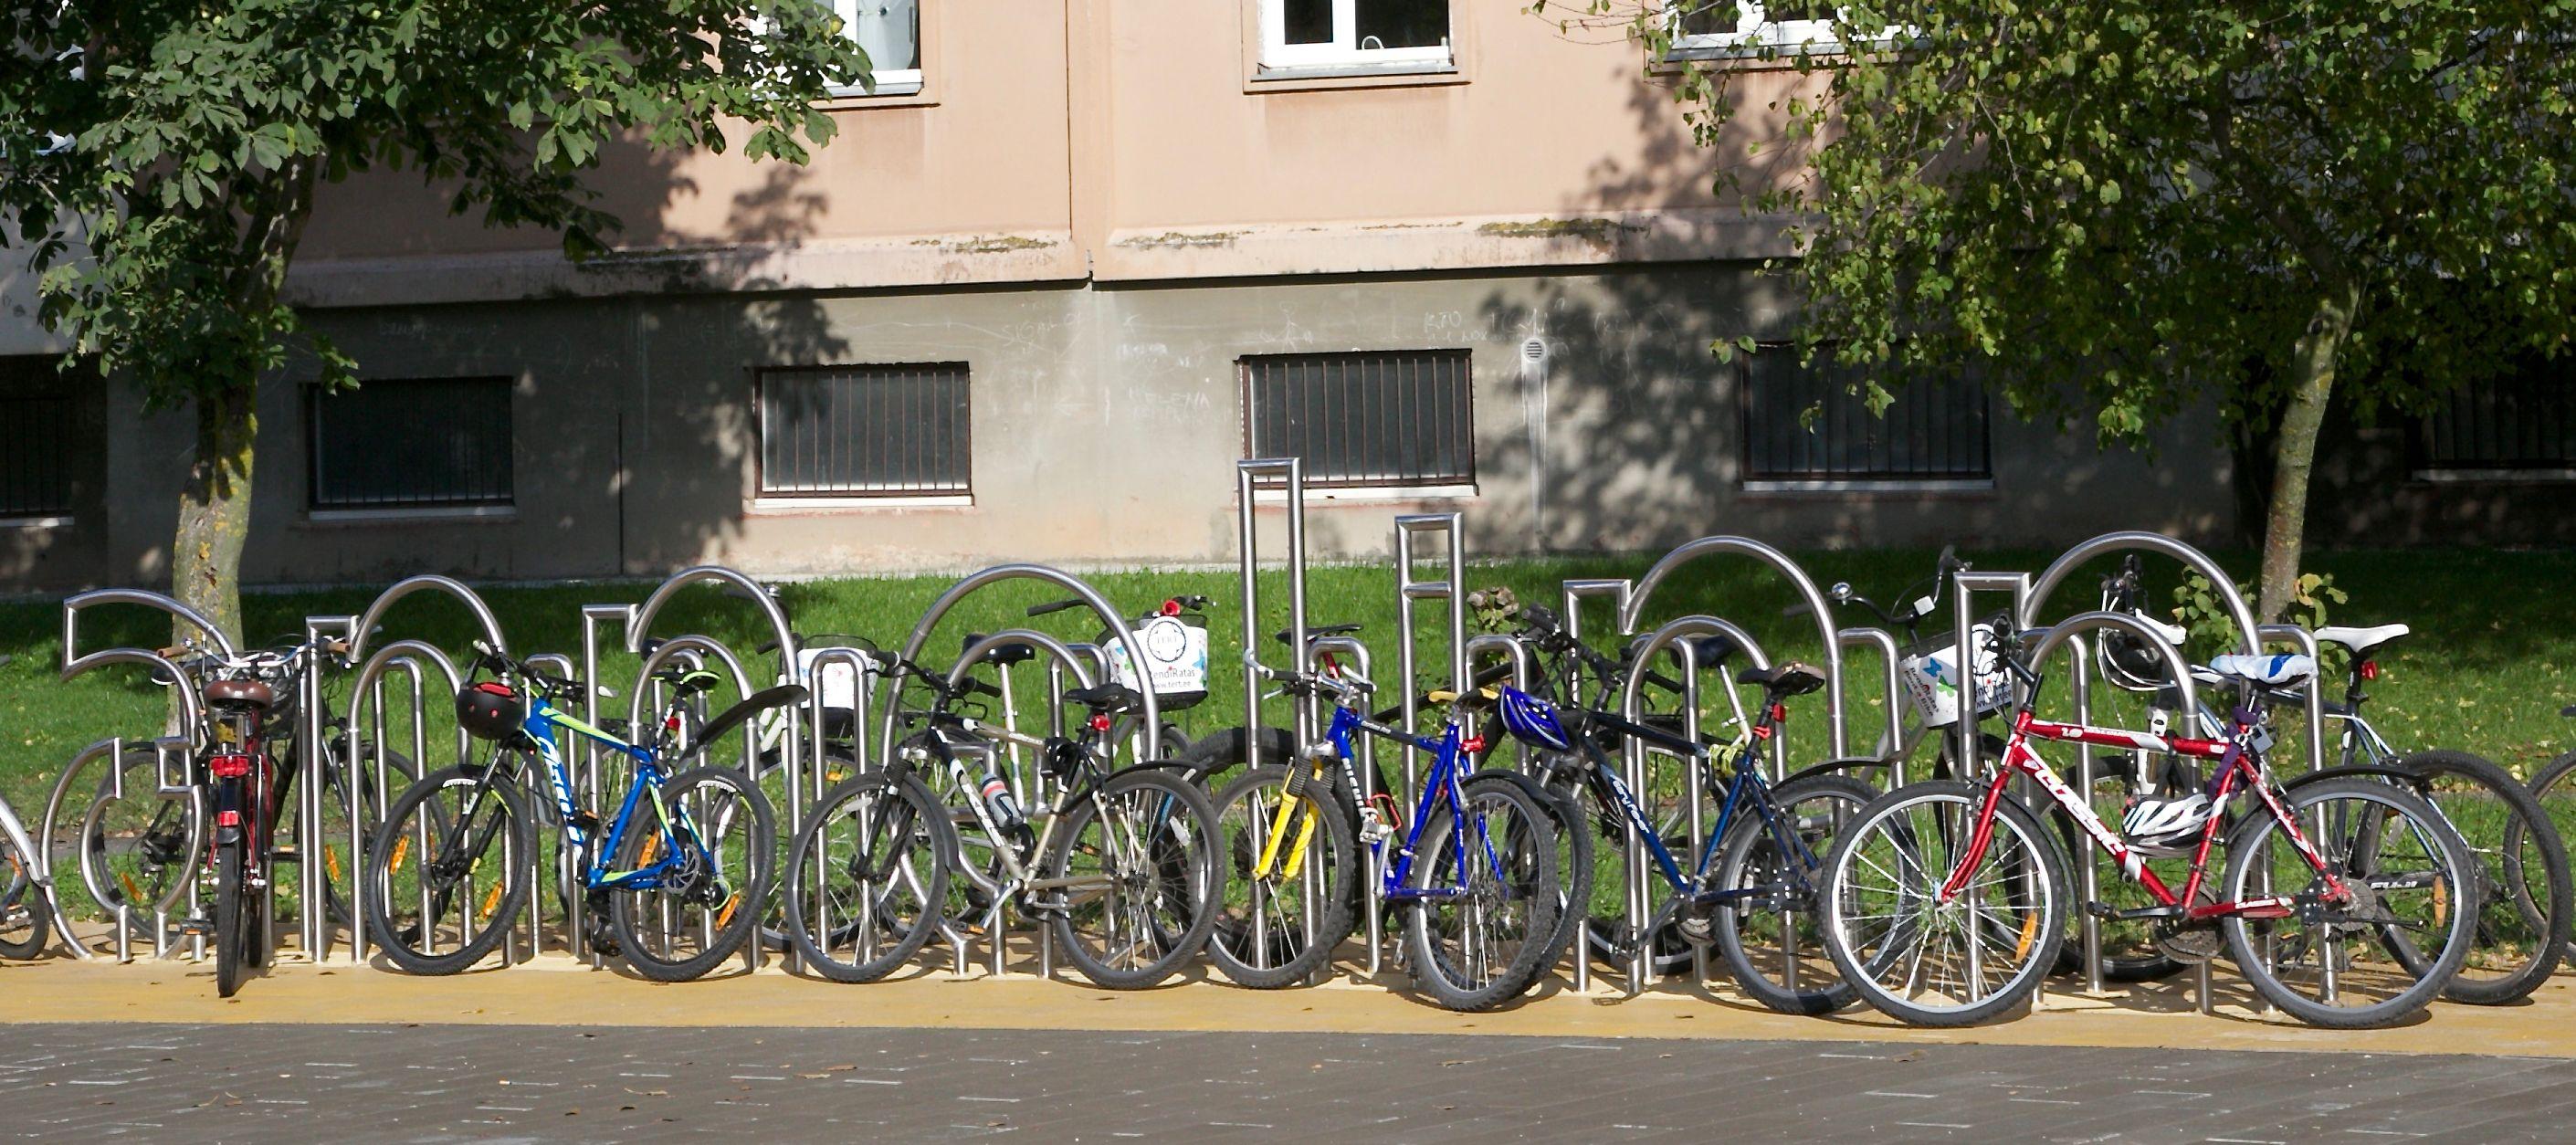 95a9629f112 Linn toetab ühistute rattaparkla ja jäätmemaja ehitamist või  süvakogumismahutite paigaldamist. Tartu Linnavalitsuse pressiteade.  rattaparkla